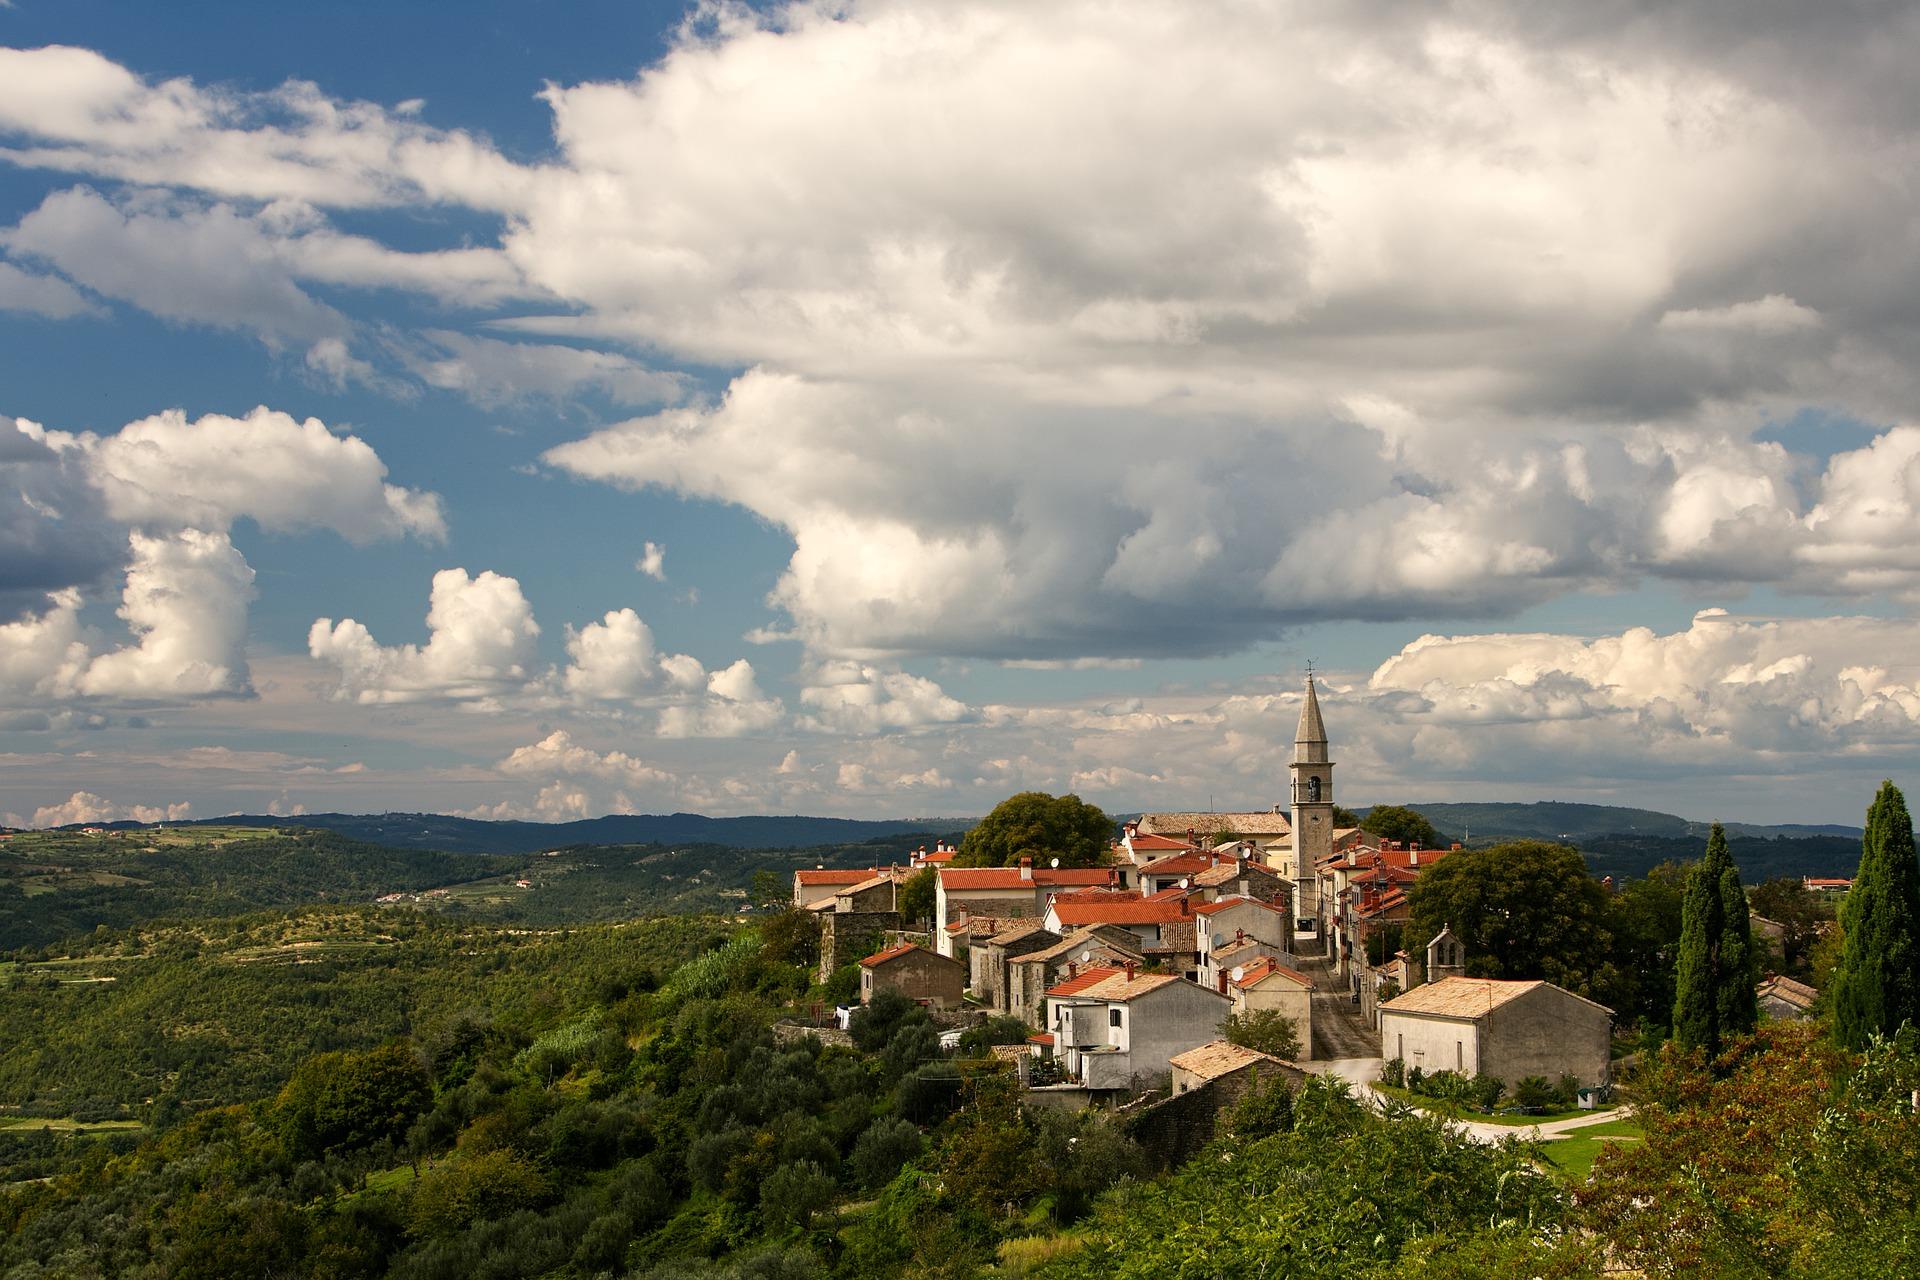 Najavljen osmi Suncokret ruralnog turizma Hrvatske